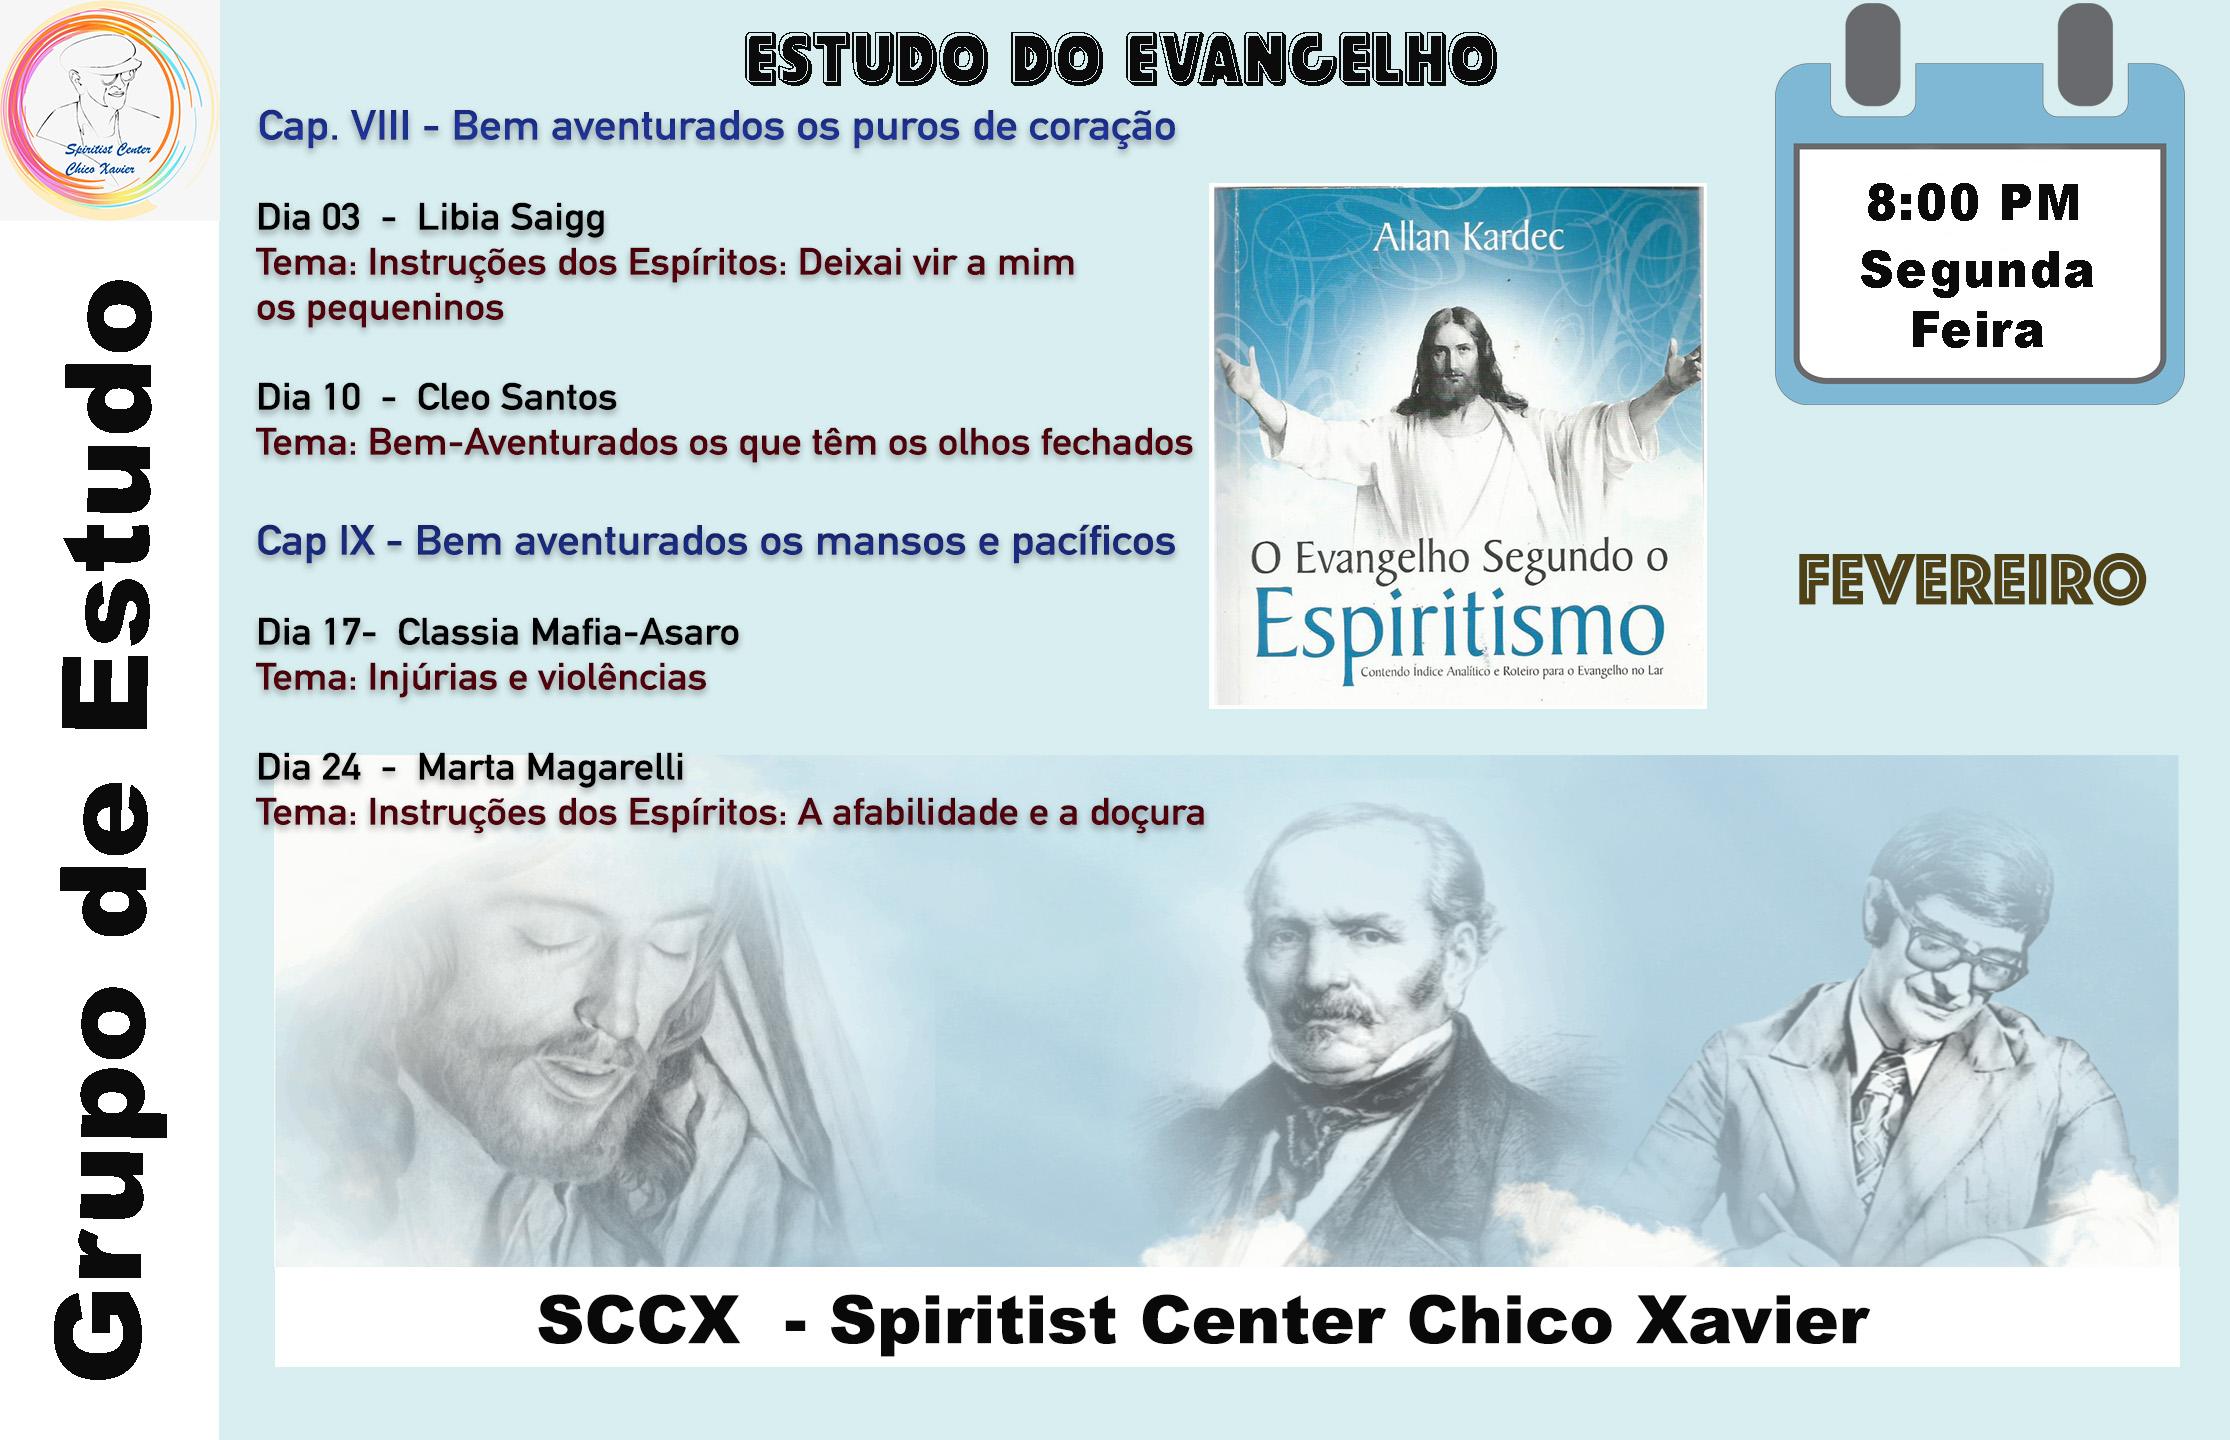 Grupo de Estudo - Estudos do Evangelho Fev 20